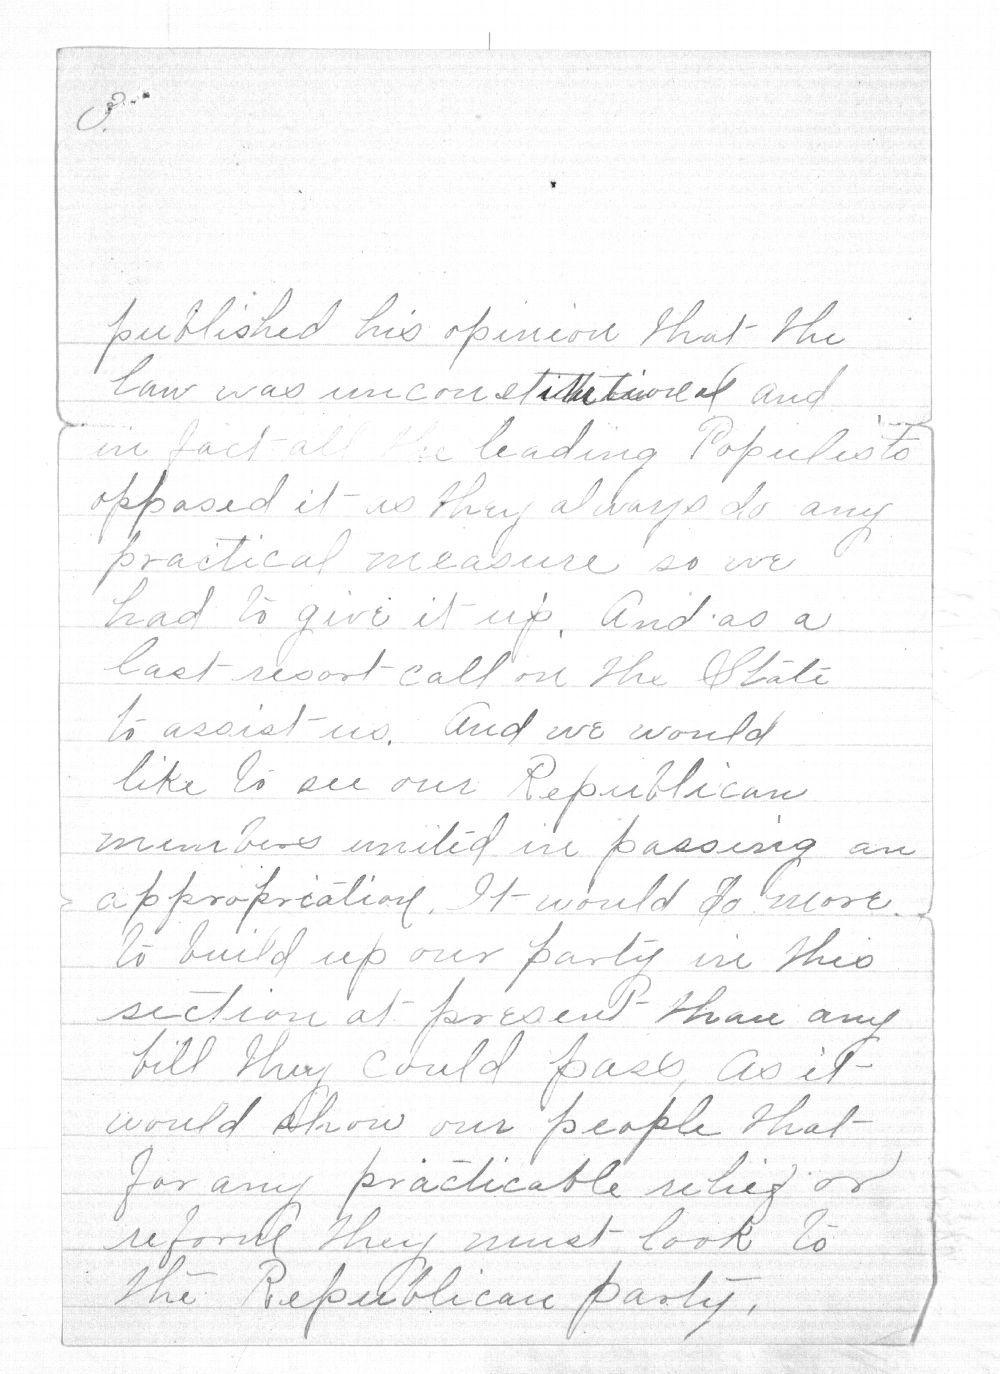 C. C. Evans to Governor Edmund Morrill - 3